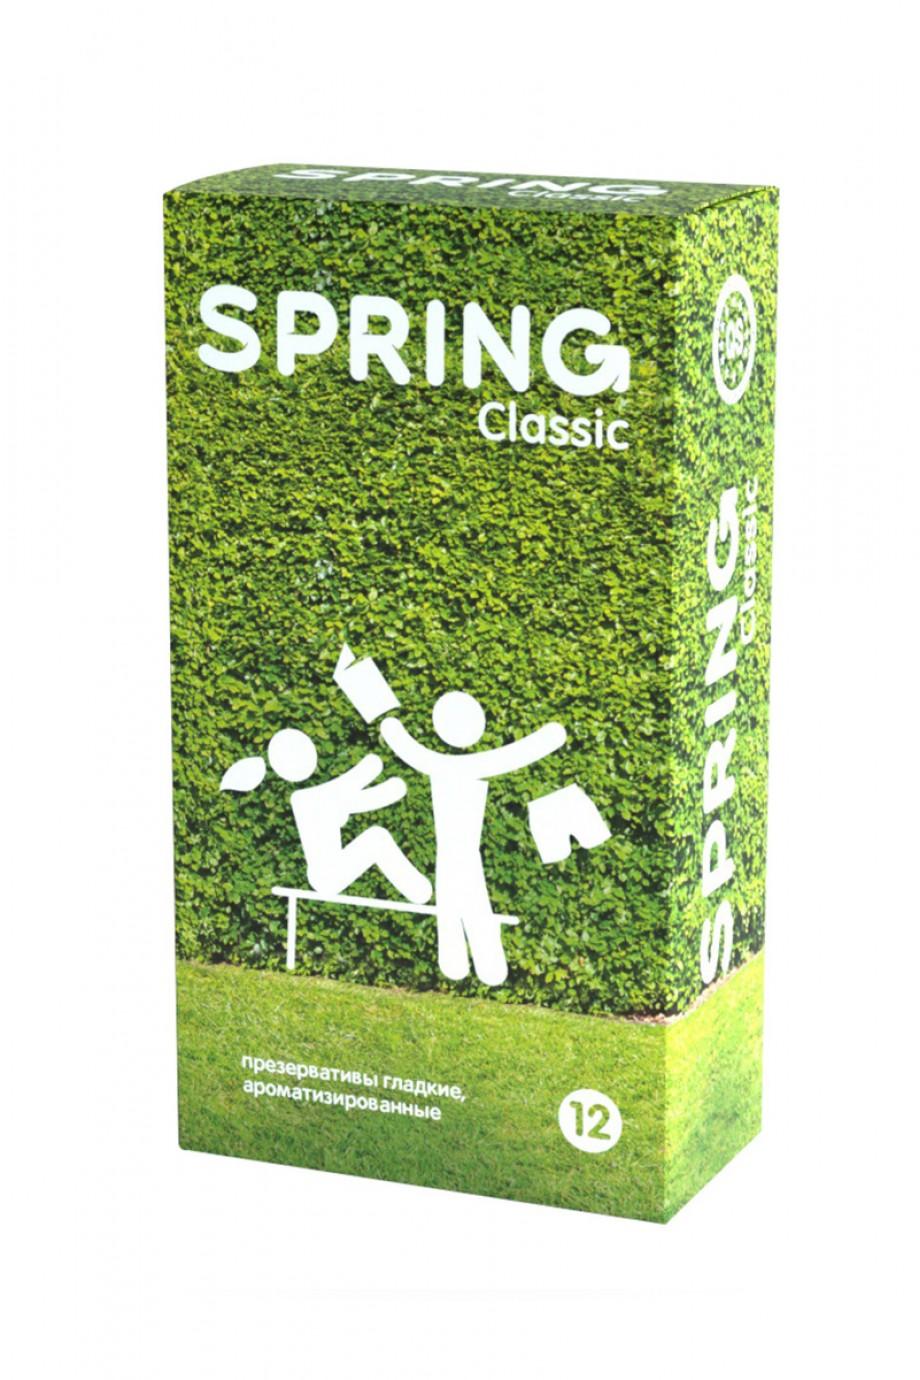 Презервативы Spring Classic, классические, 12 шт